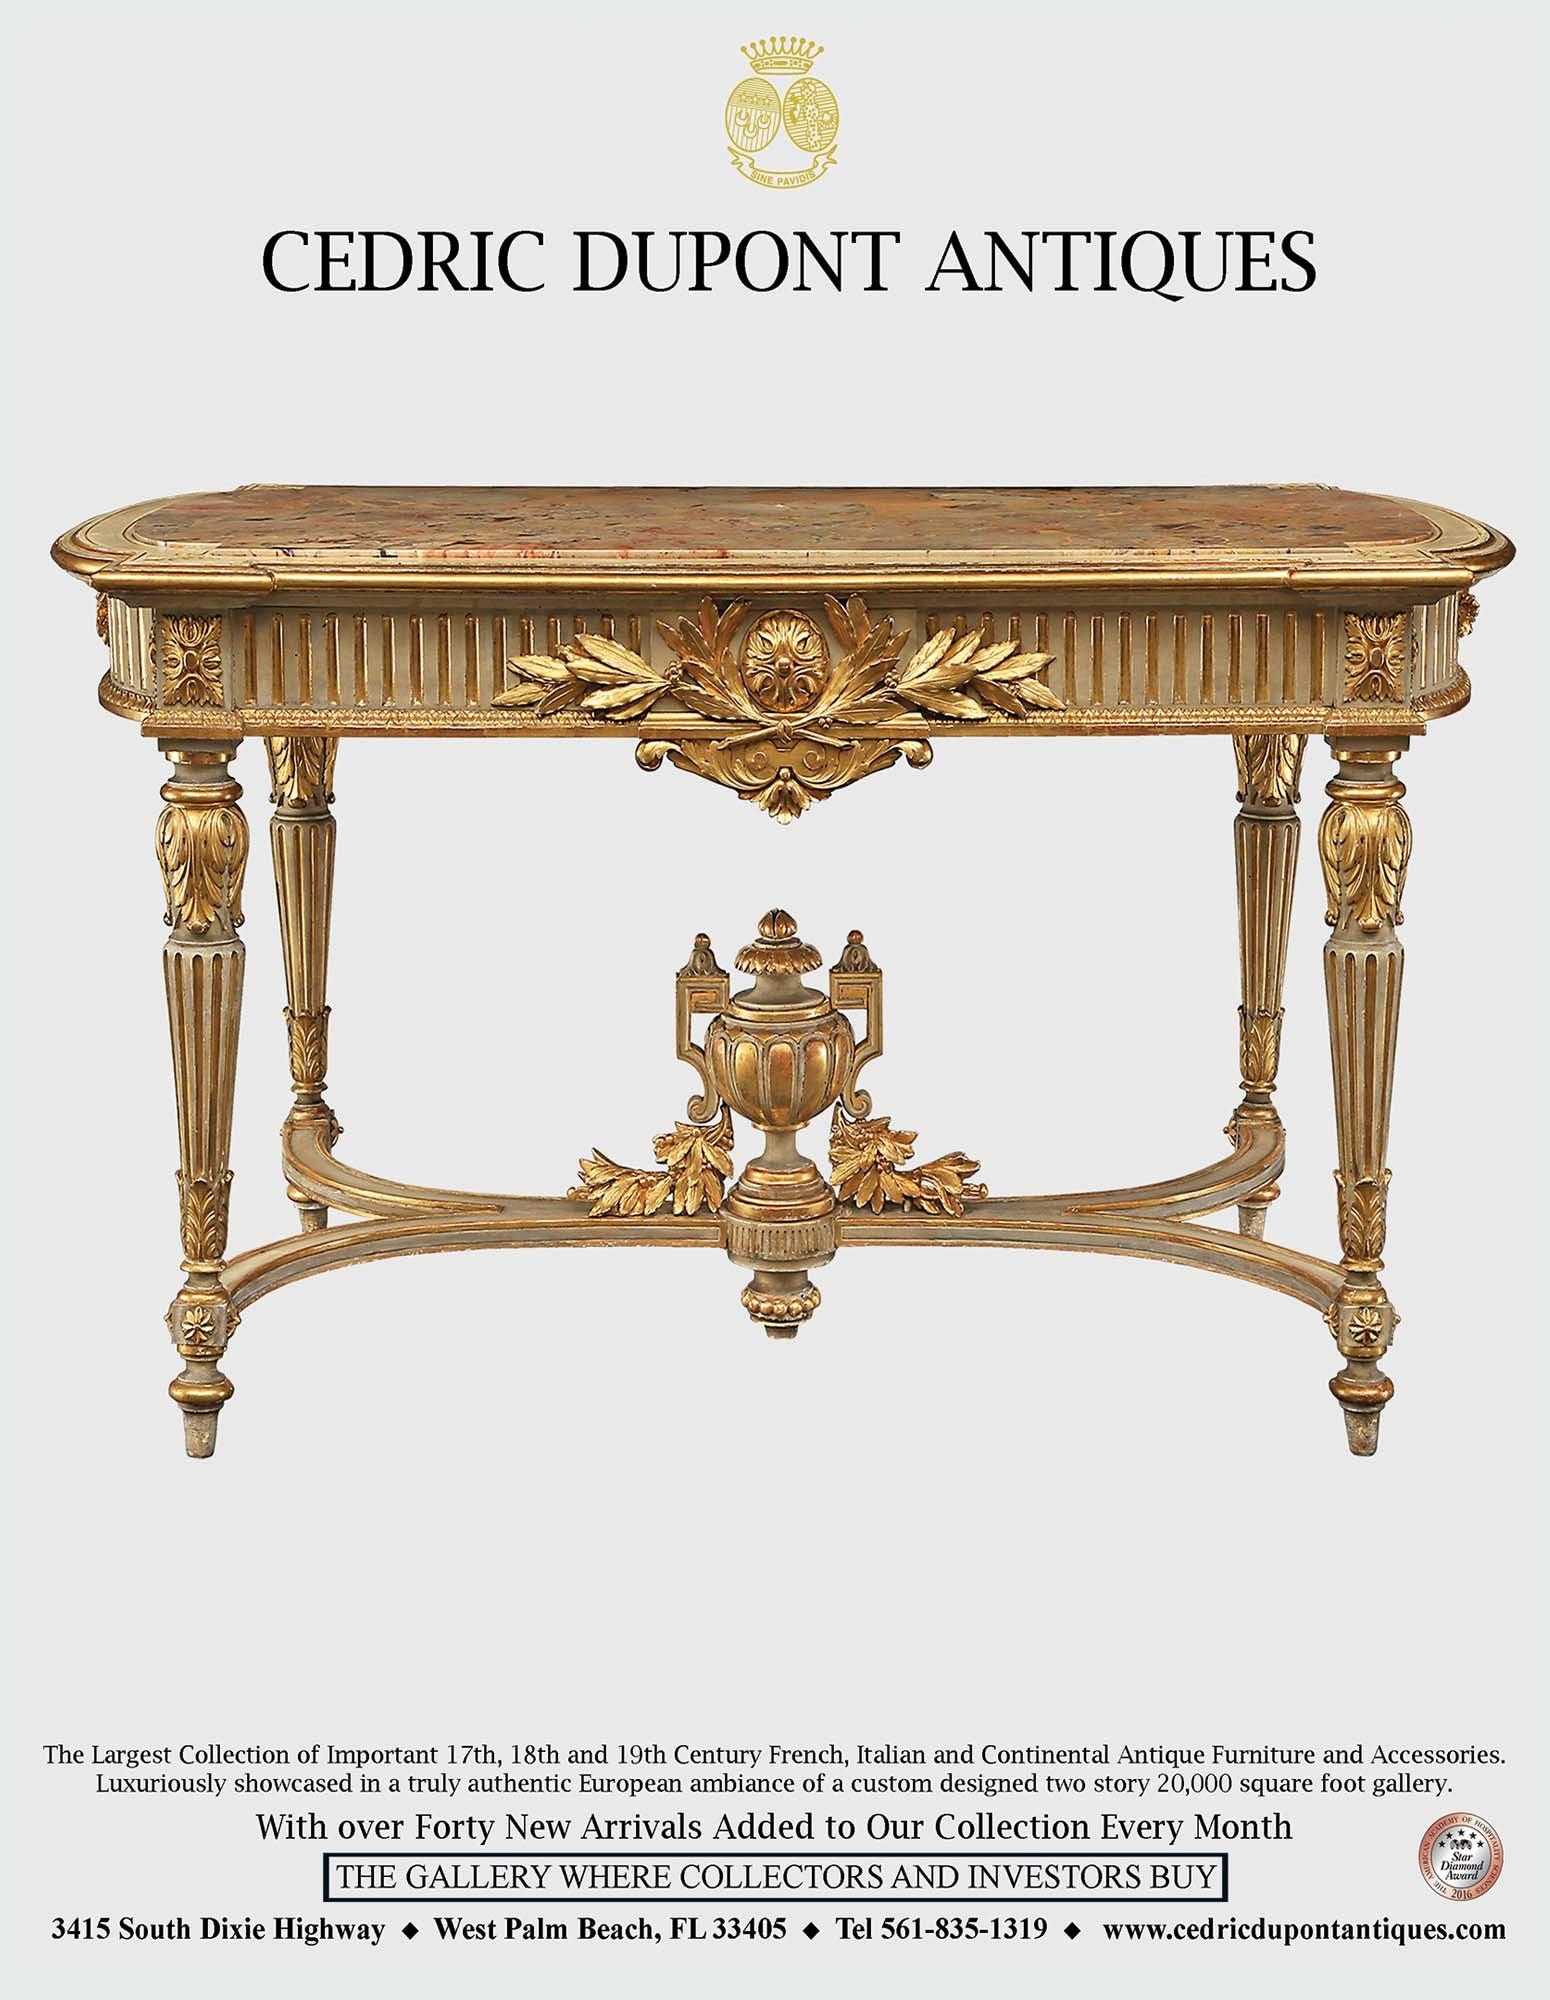 Miami-4-16 - Miami-4-16 - Cedric DuPont Antiques